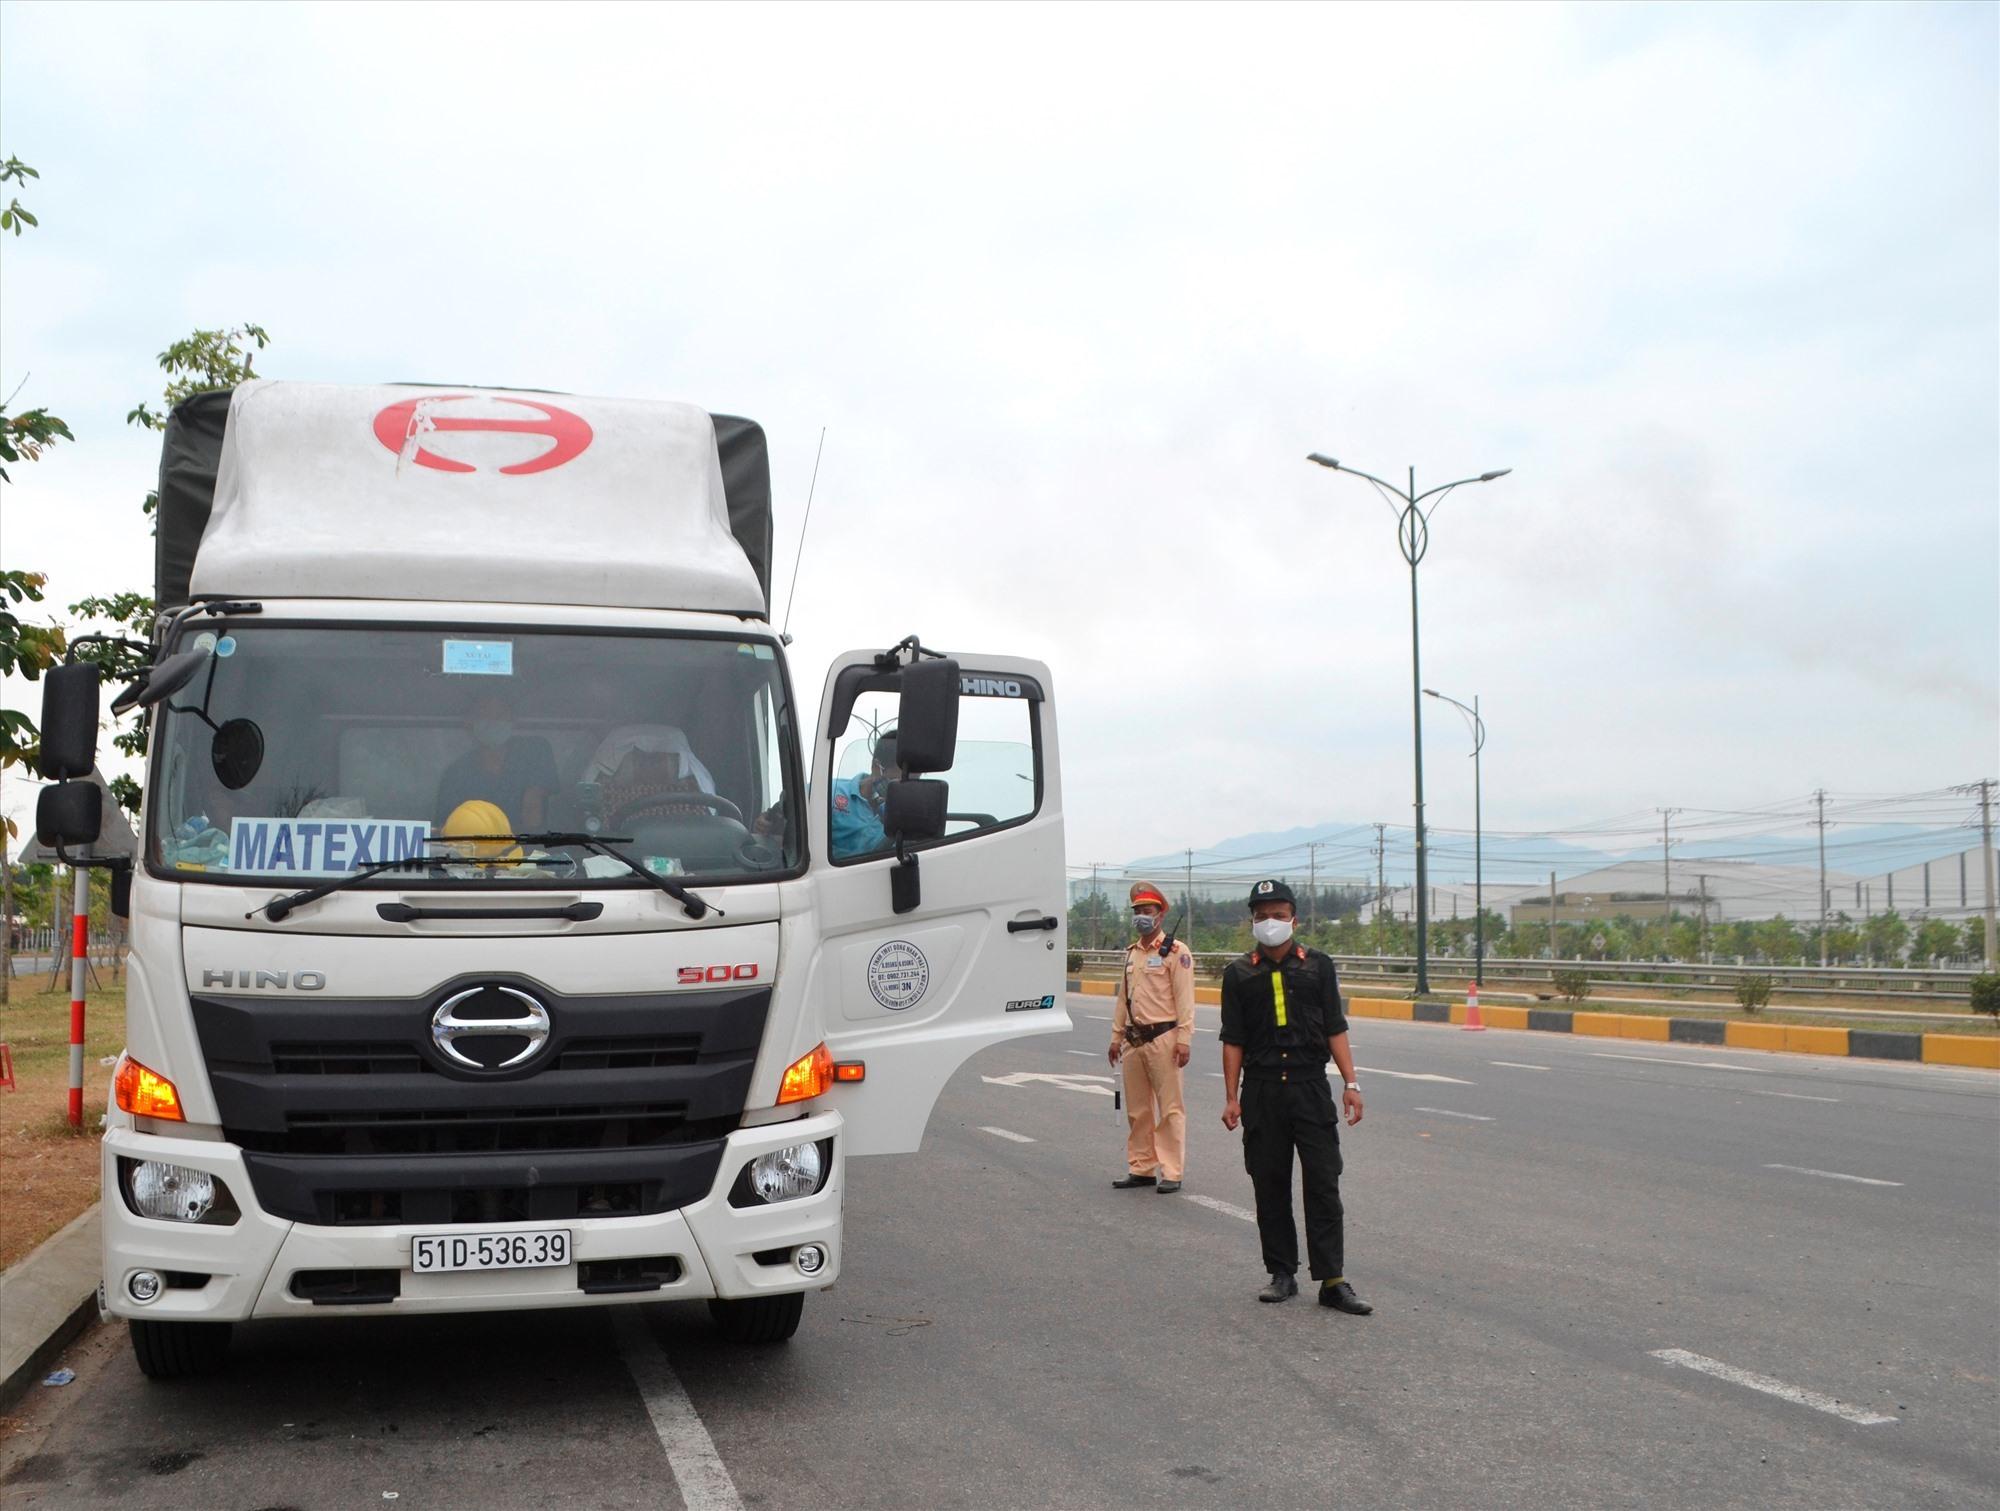 Phải tuân thủ nghiêm ngặt các quy định khi vận chuyển hàng hóa ra, vào Quảng Nam. Ảnh: C.T